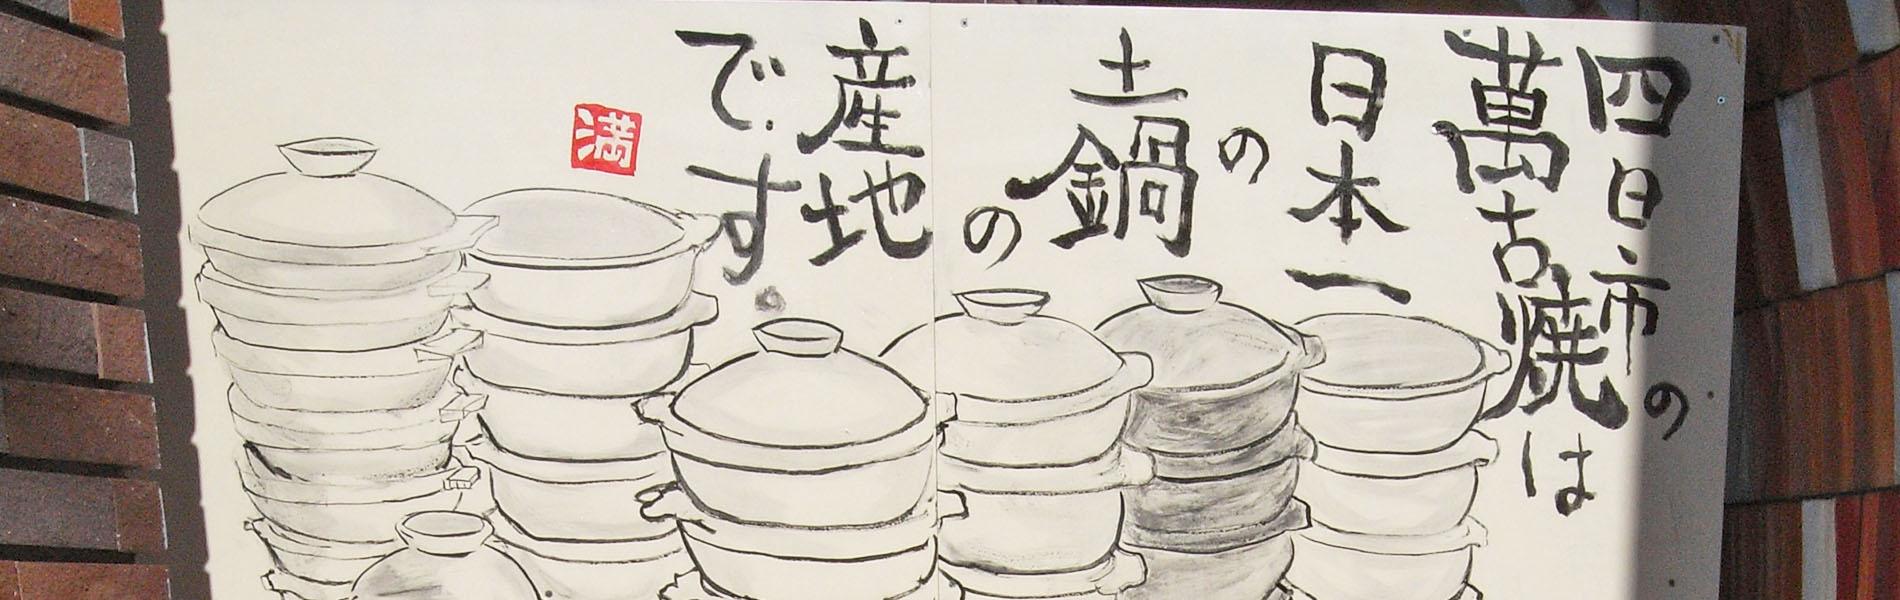 四日市の萬古焼は日本一の土鍋の産地です